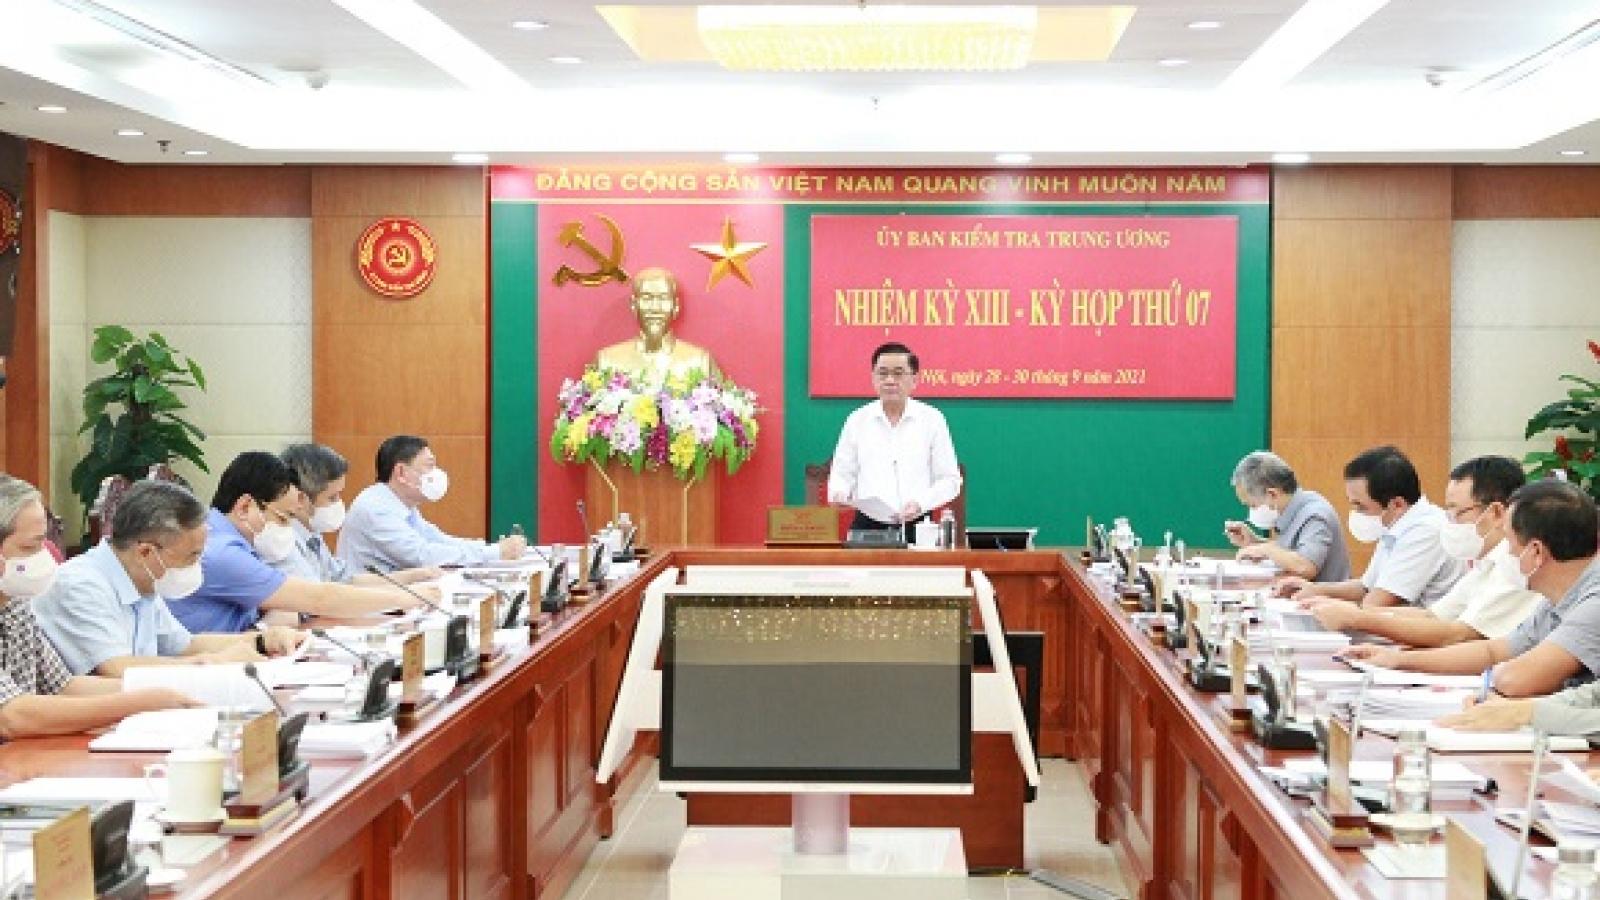 Ủy ban Kiểm tra Trung ương quyết định kỷ luật một số lãnh đạo